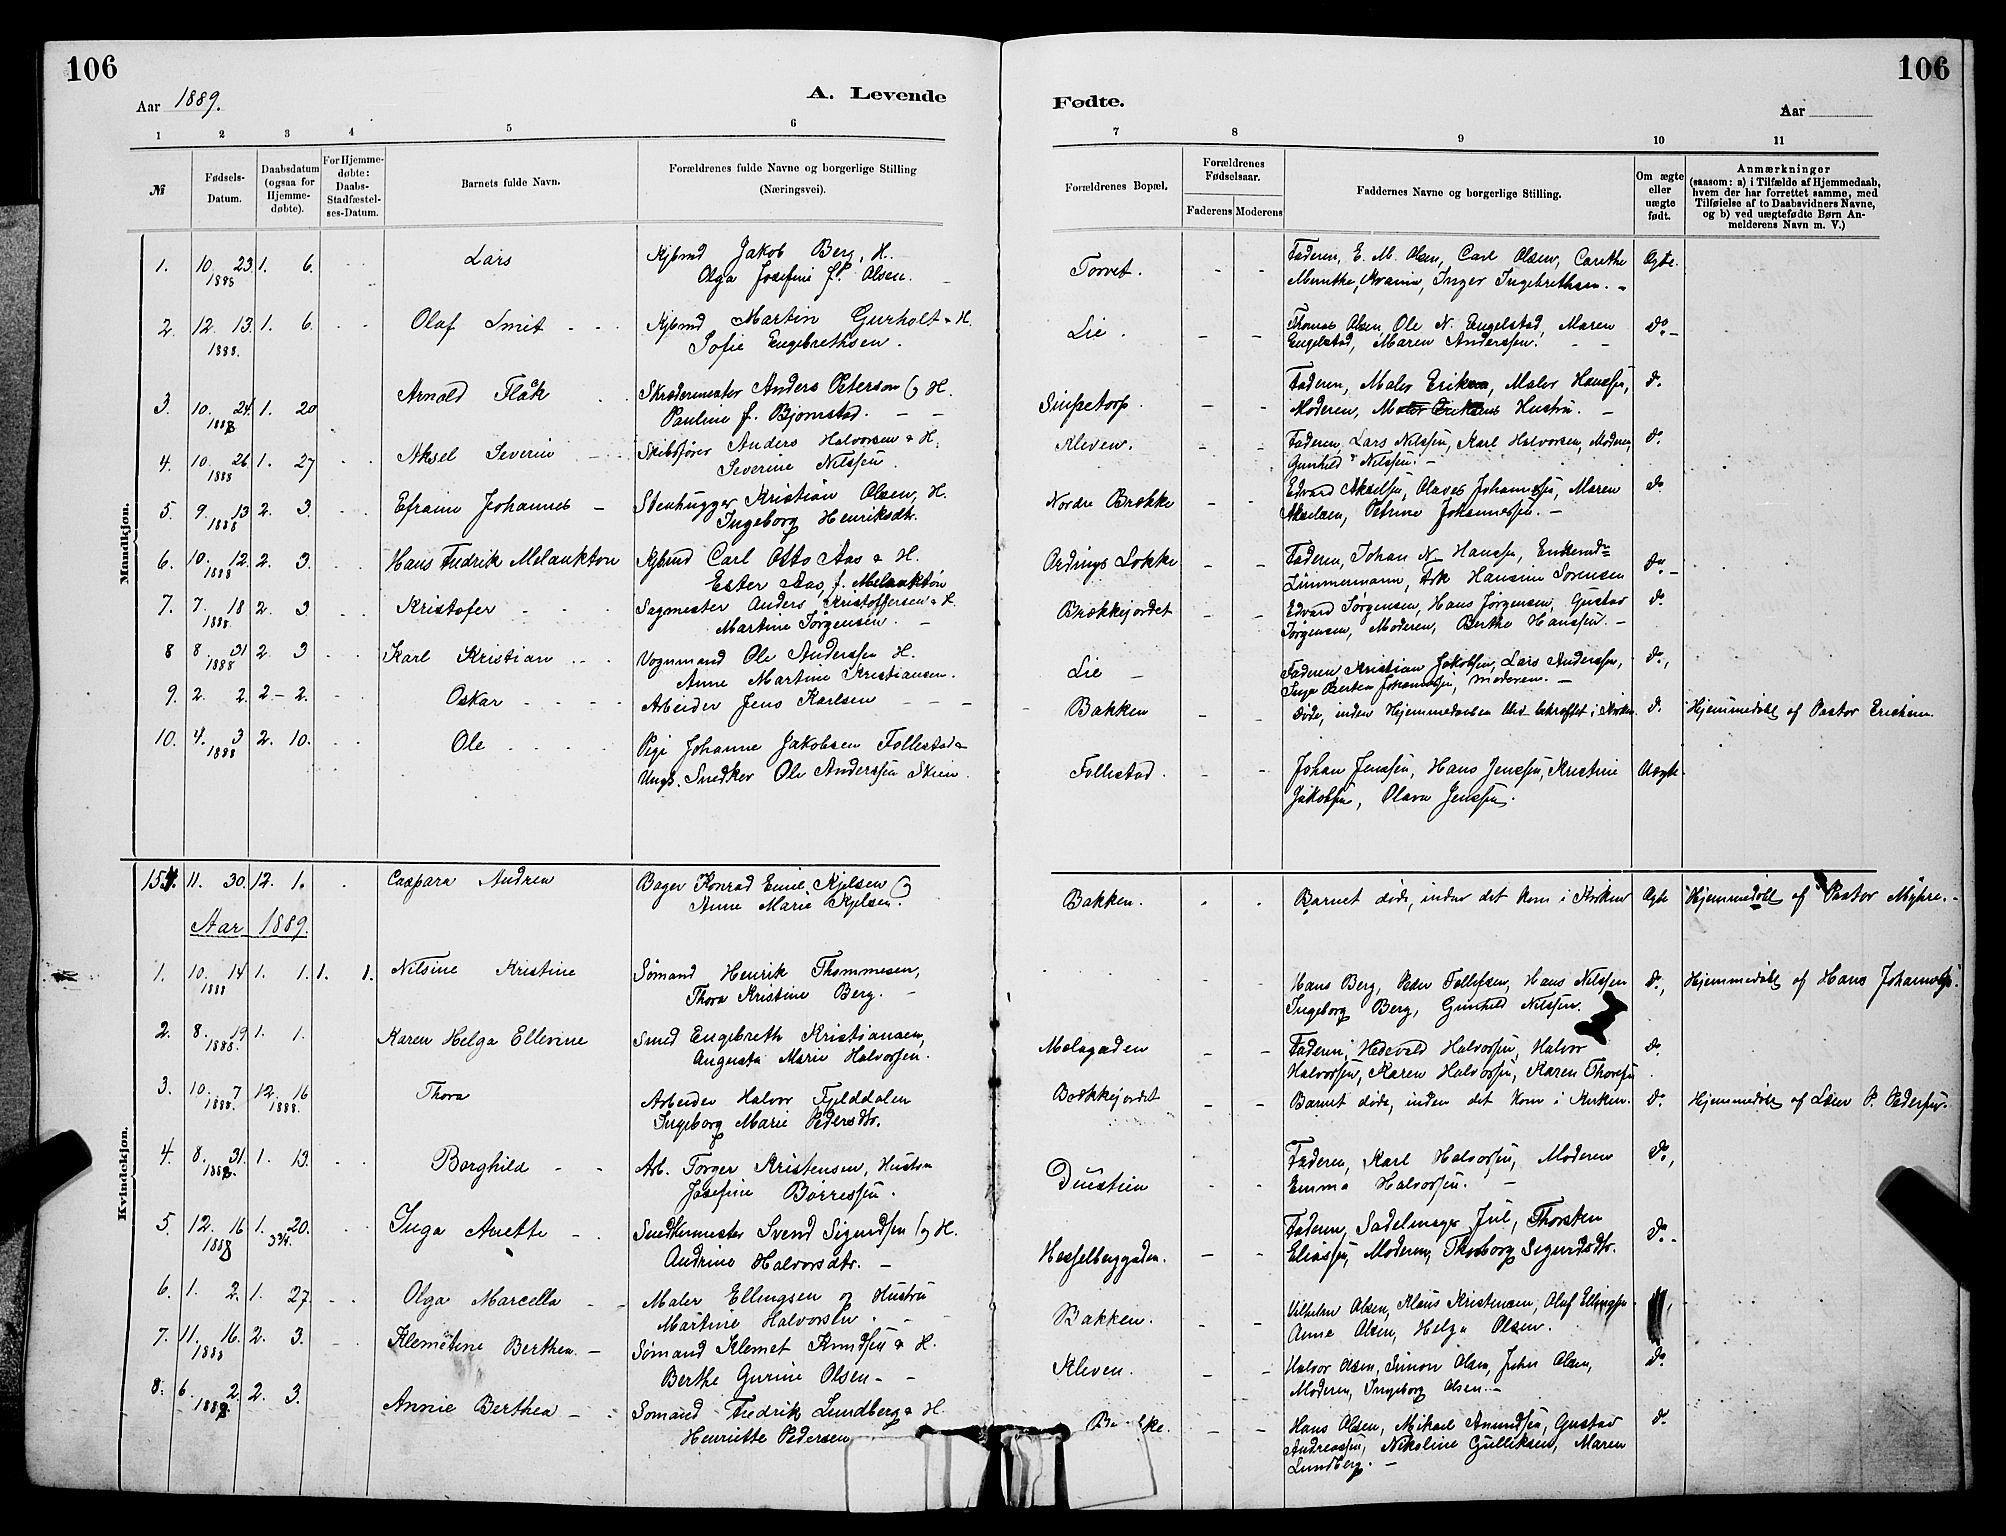 SAKO, Skien kirkebøker, G/Ga/L0006: Klokkerbok nr. 6, 1881-1890, s. 106